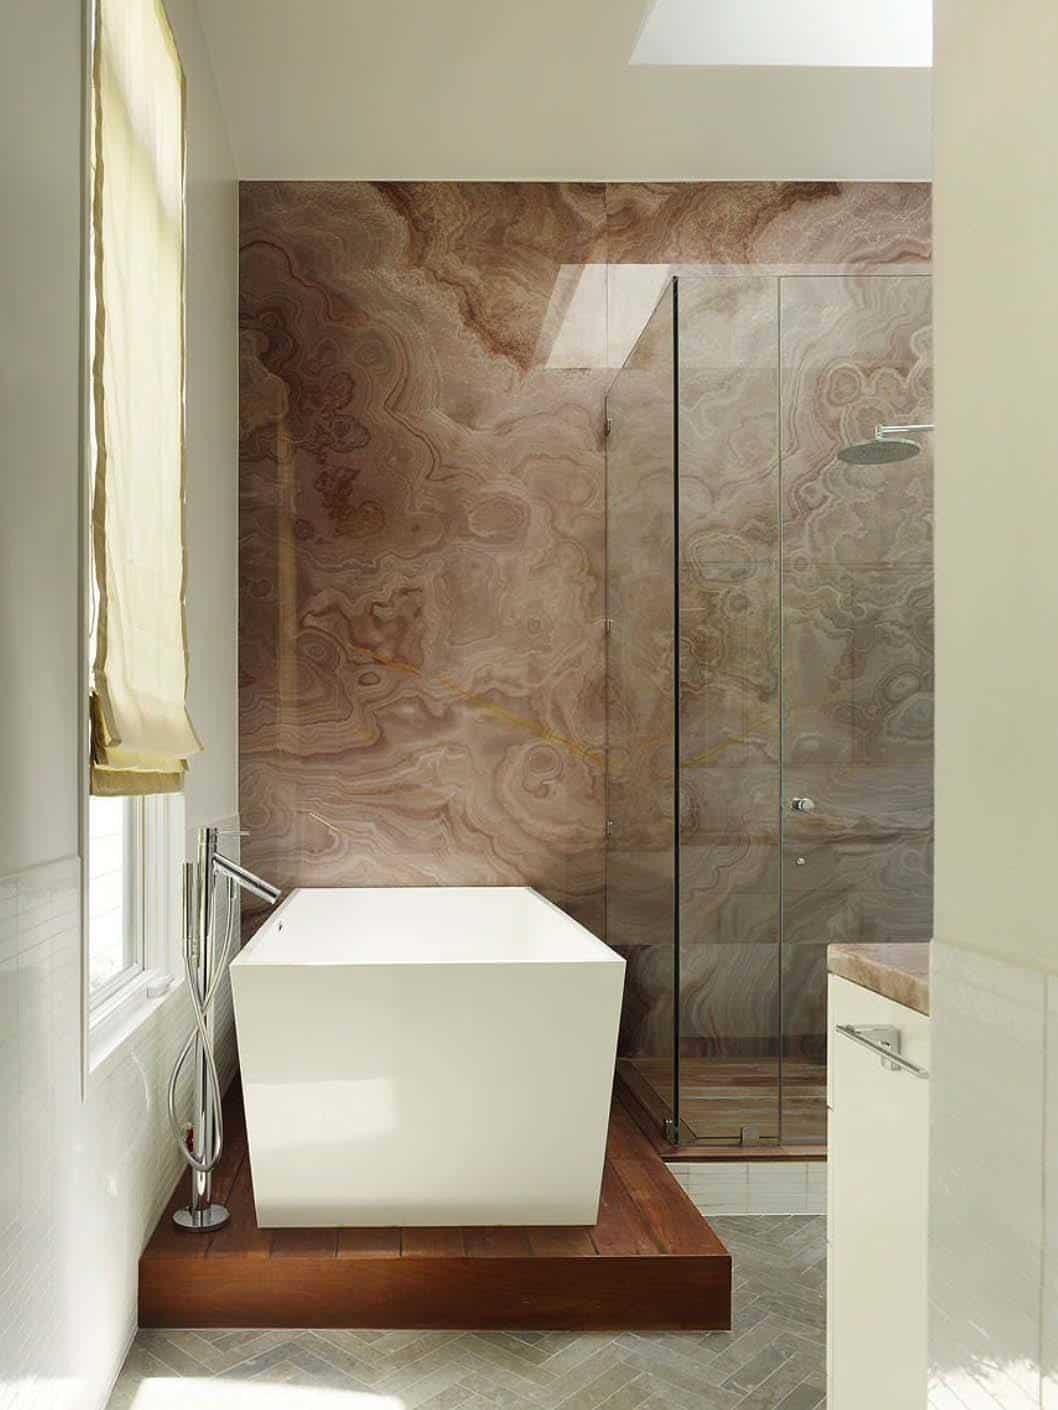 Maison Moderne-Redmond Aldrich Design-12-1 Kindesign